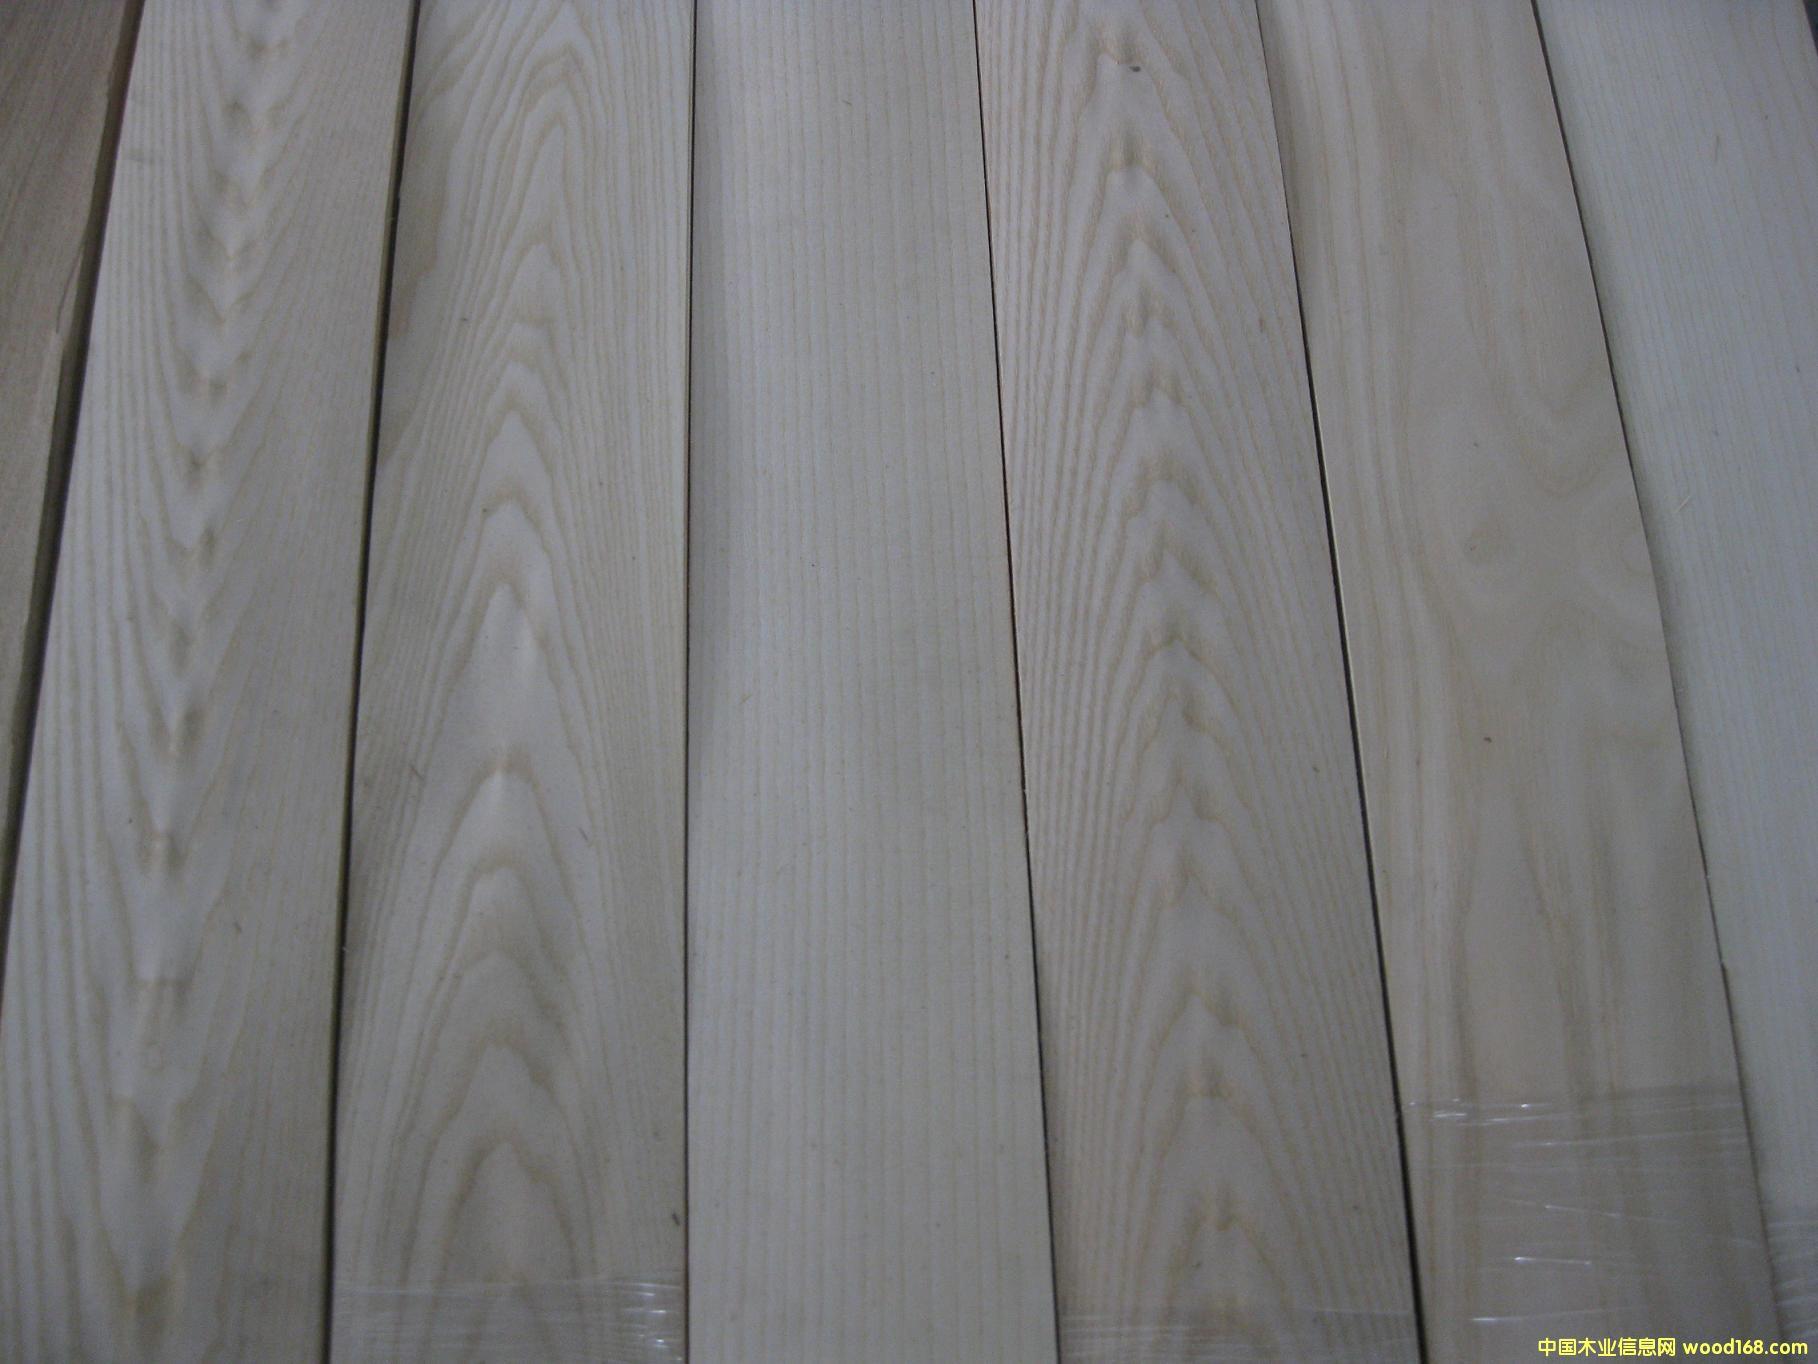 白元/白栓/白蜡地板木皮